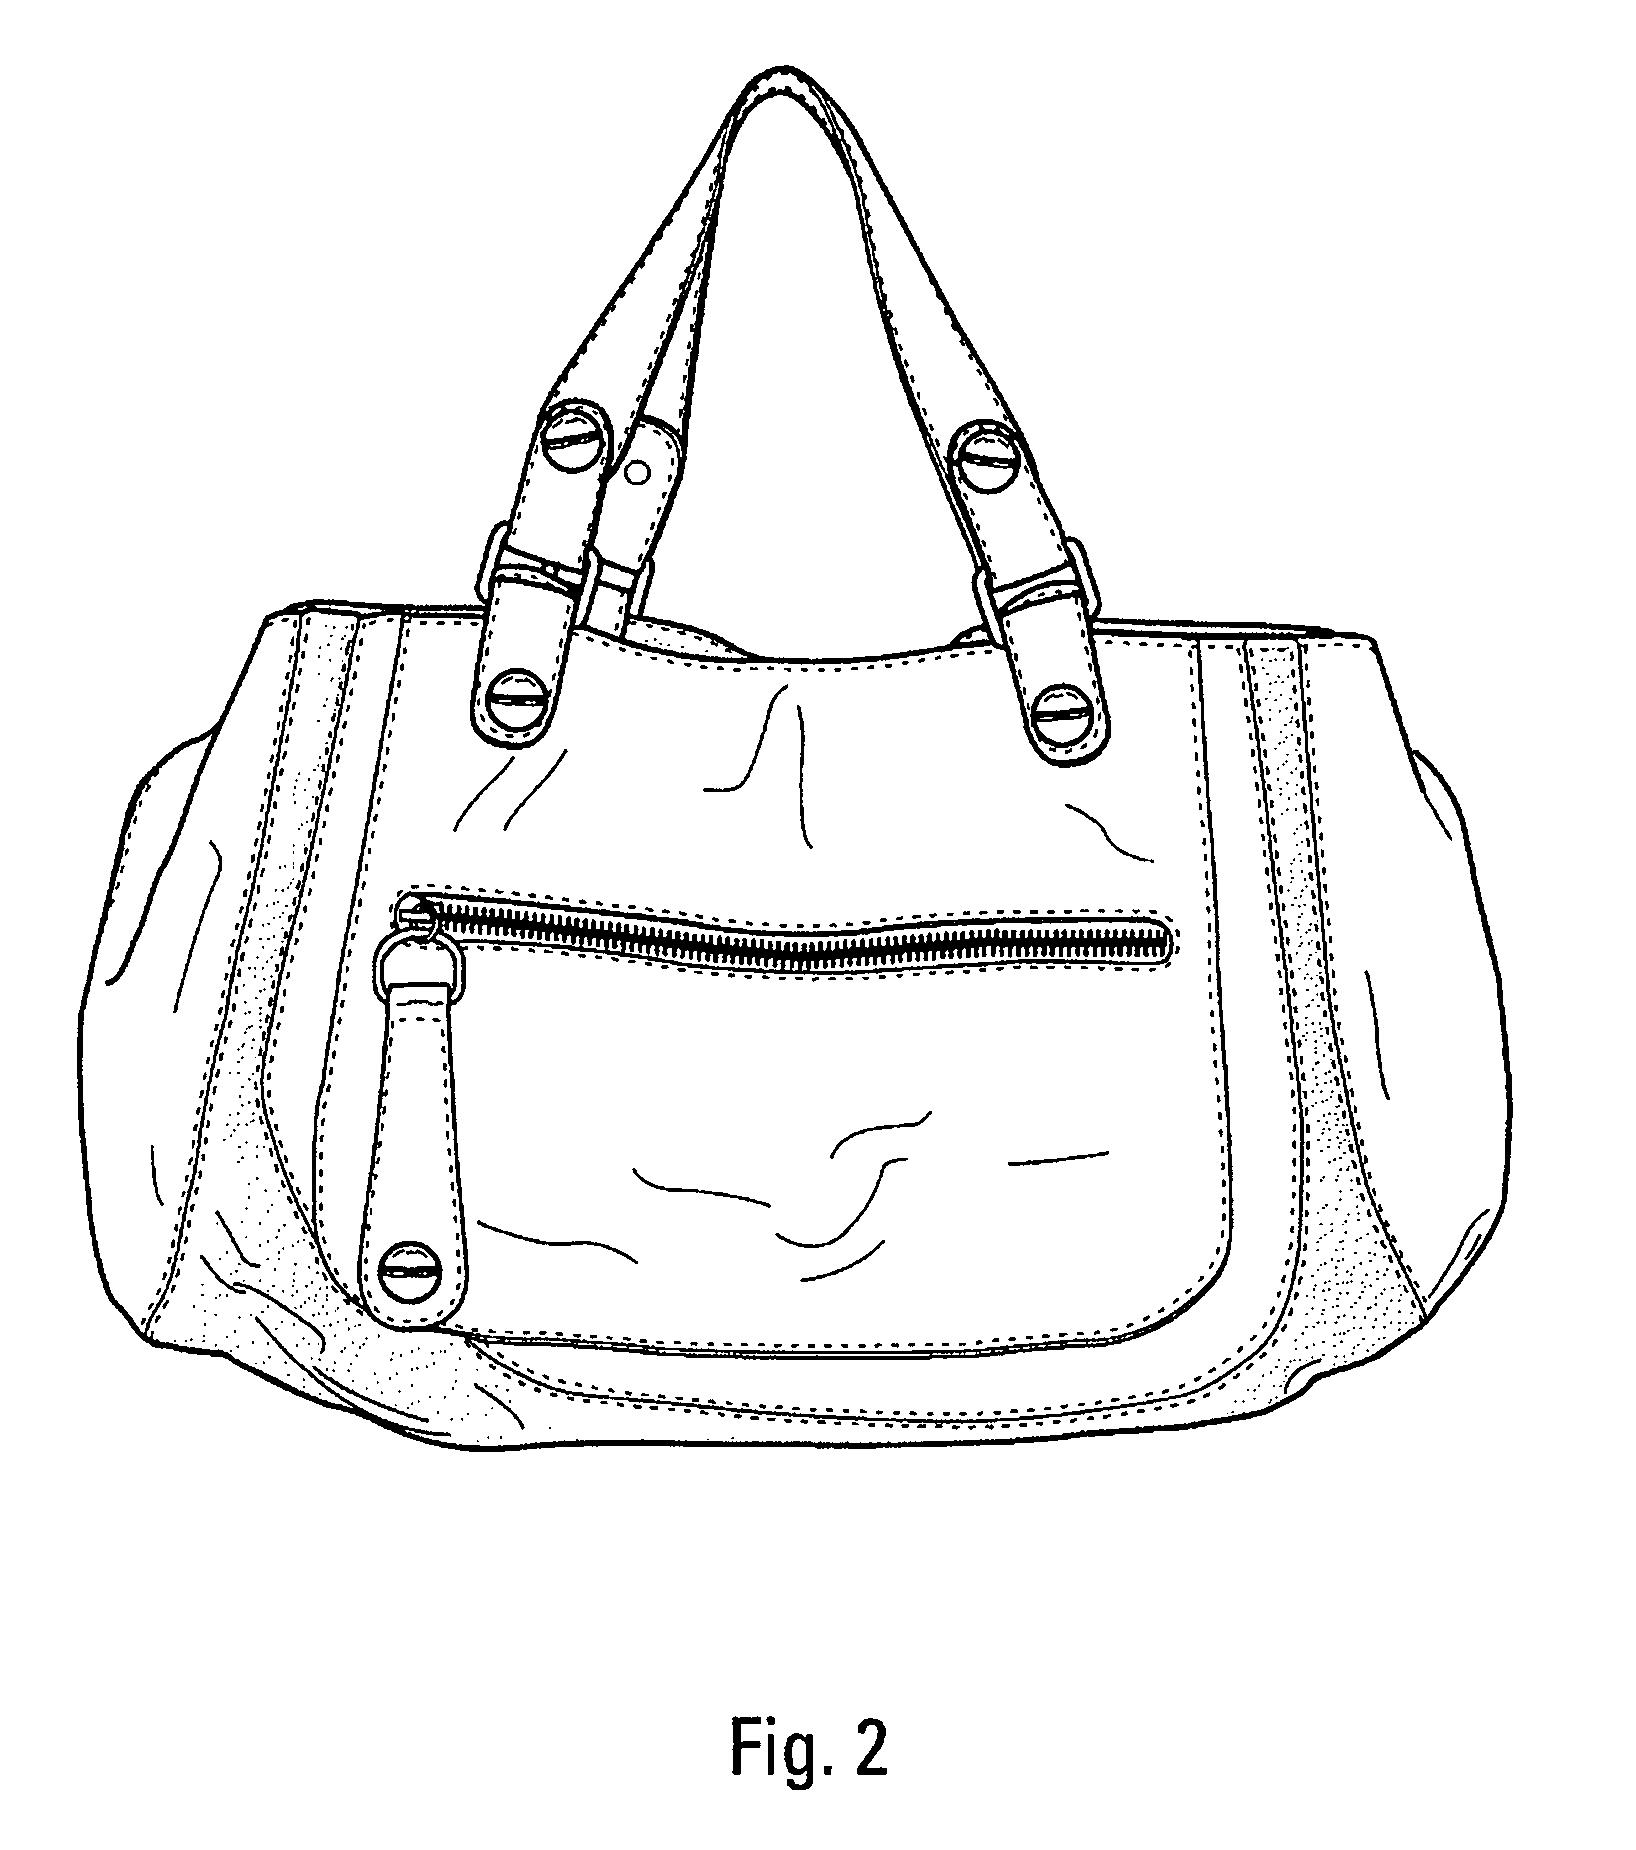 手提包的简笔画-简笔画 手袋 挎包 包包